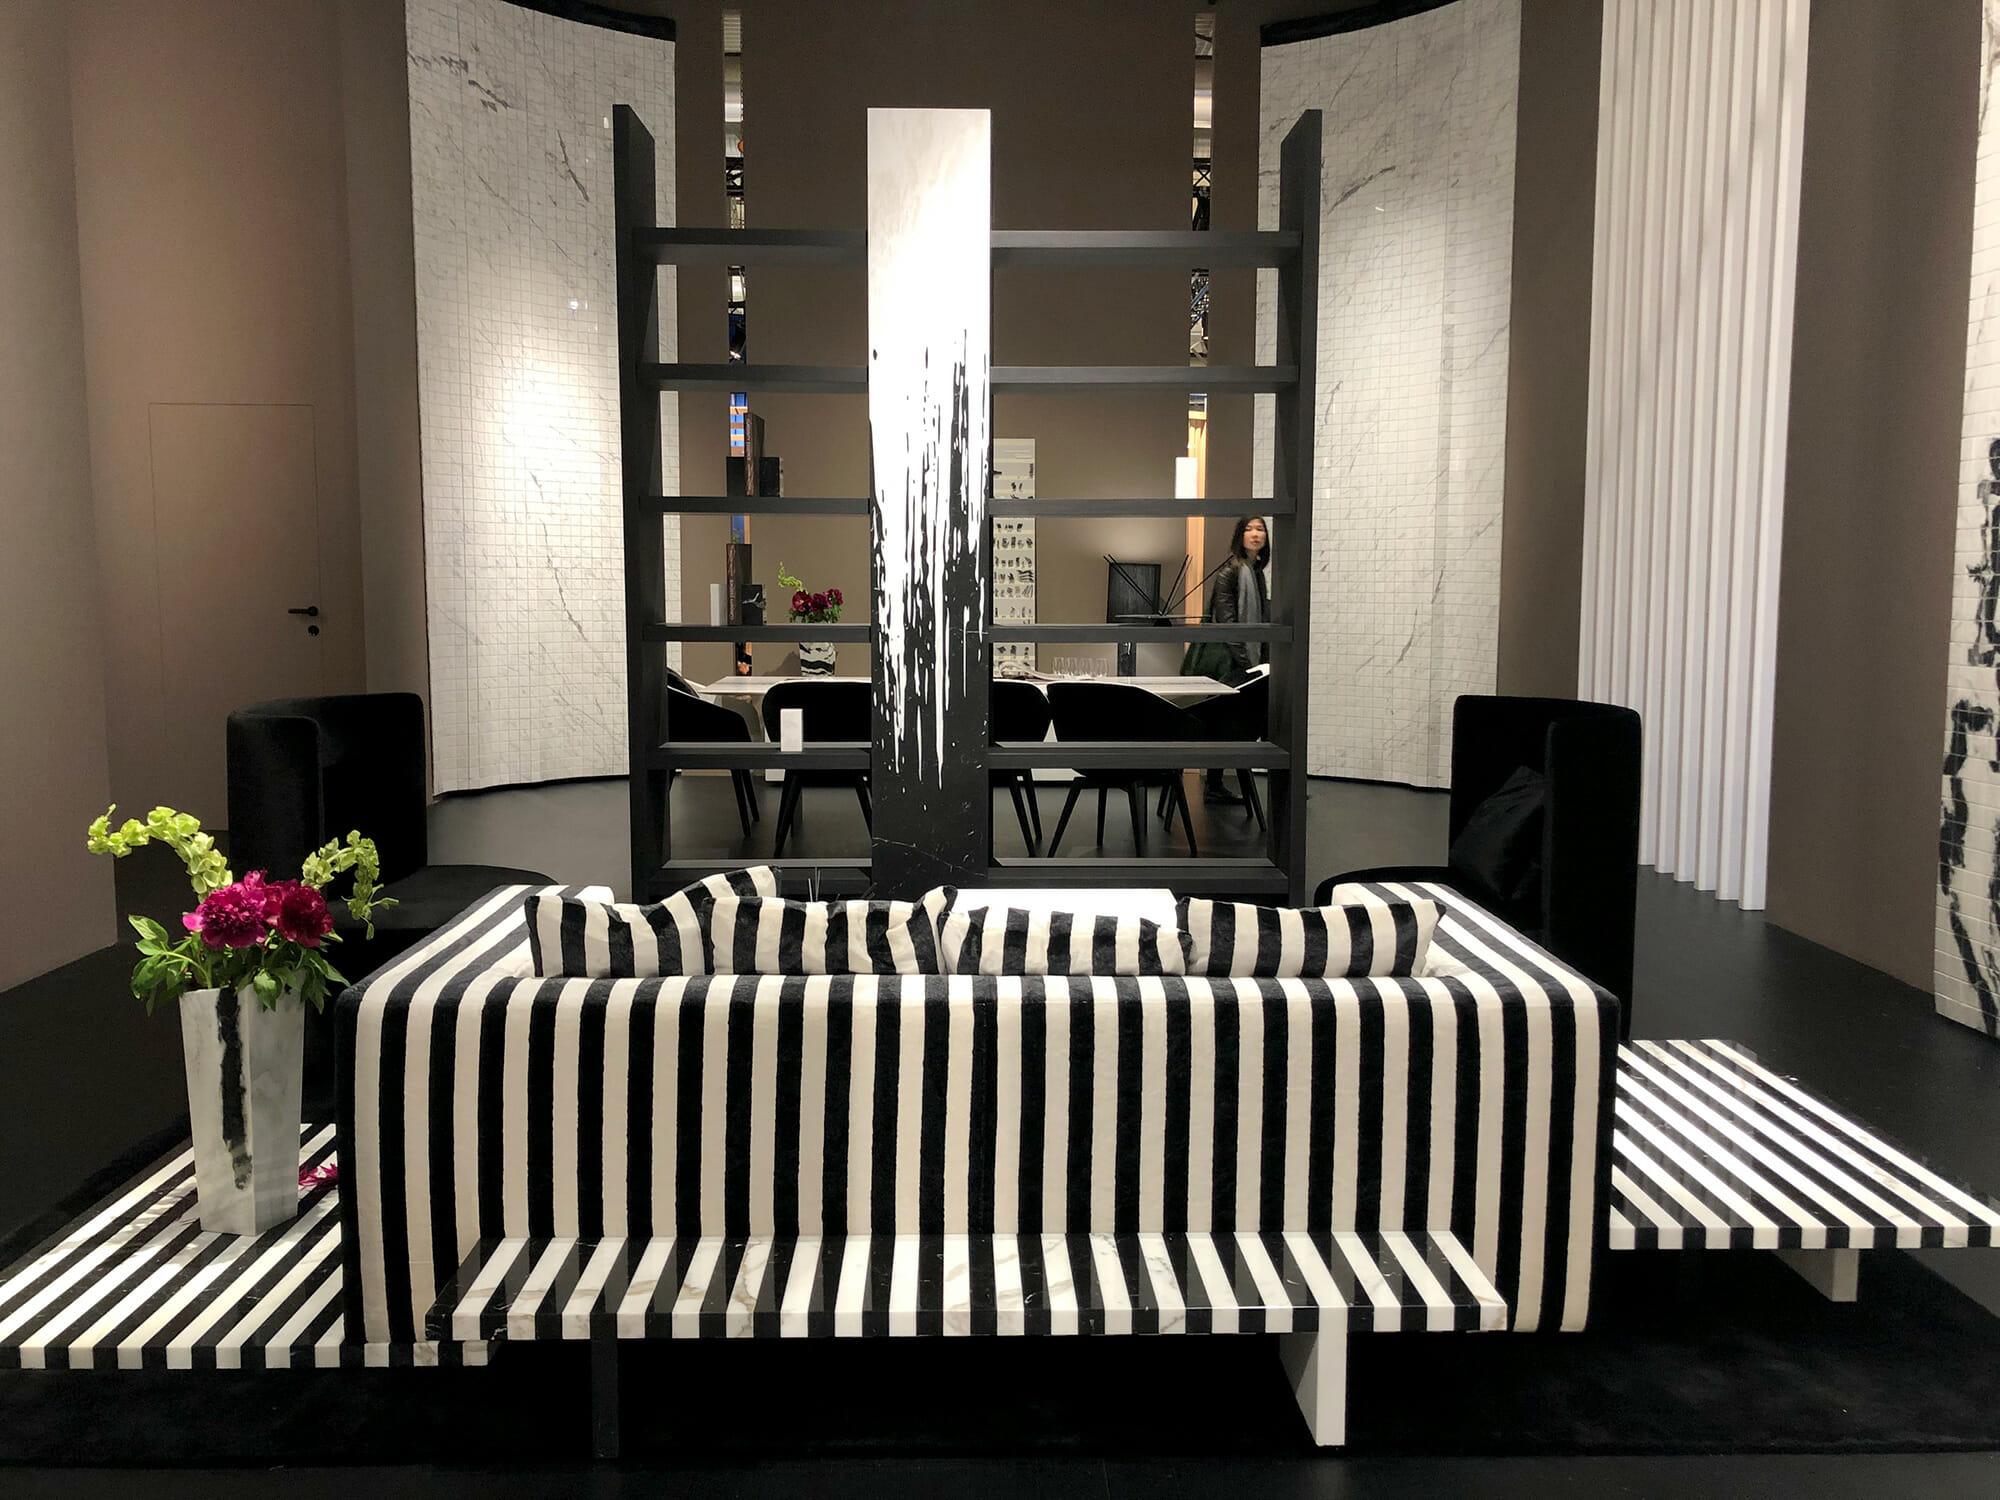 S.Projectに出展したBUDRI、グエナエル・ニコラさん率いるキュリオシティによる家具コレクションを発表した